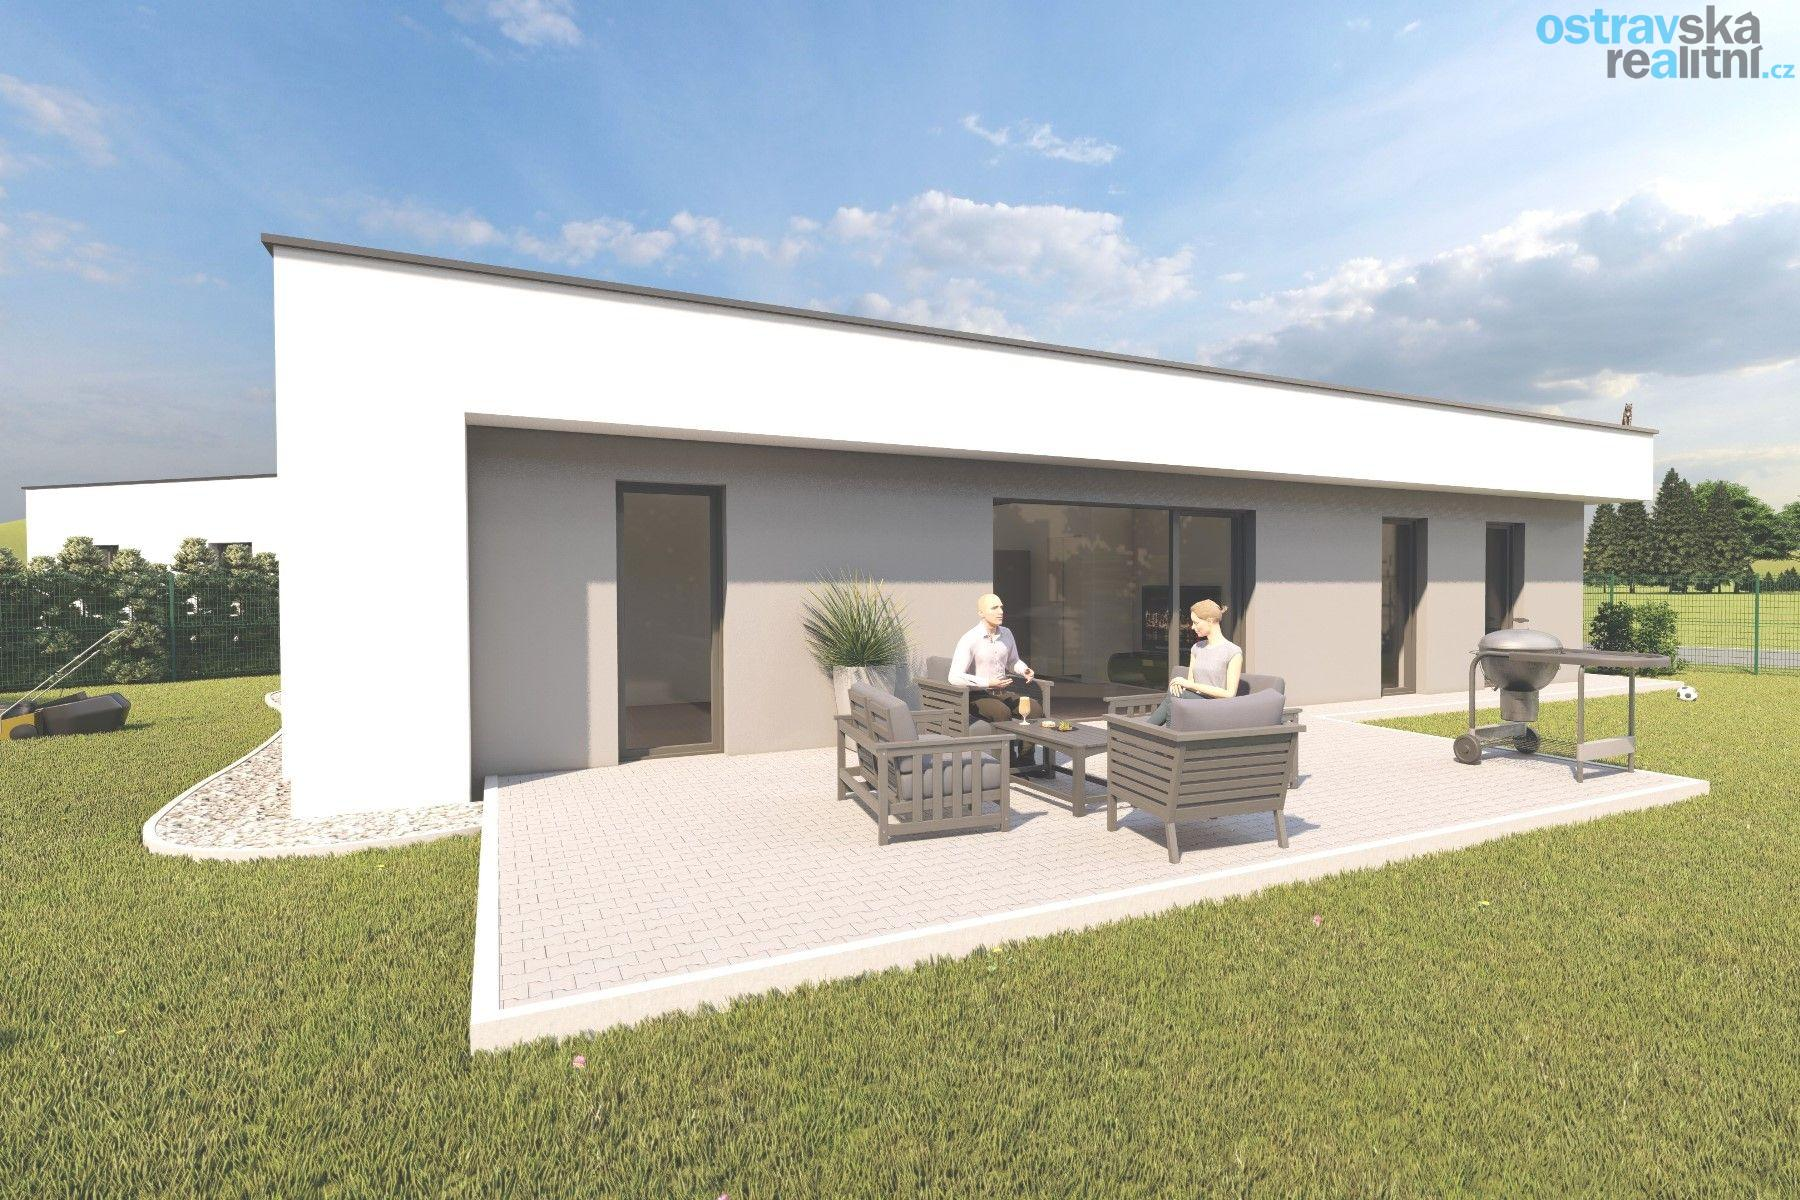 Prodej rodinného domu 4+kk, Bohumín - Záblatí, ul. Rychvaldská, 117 m2